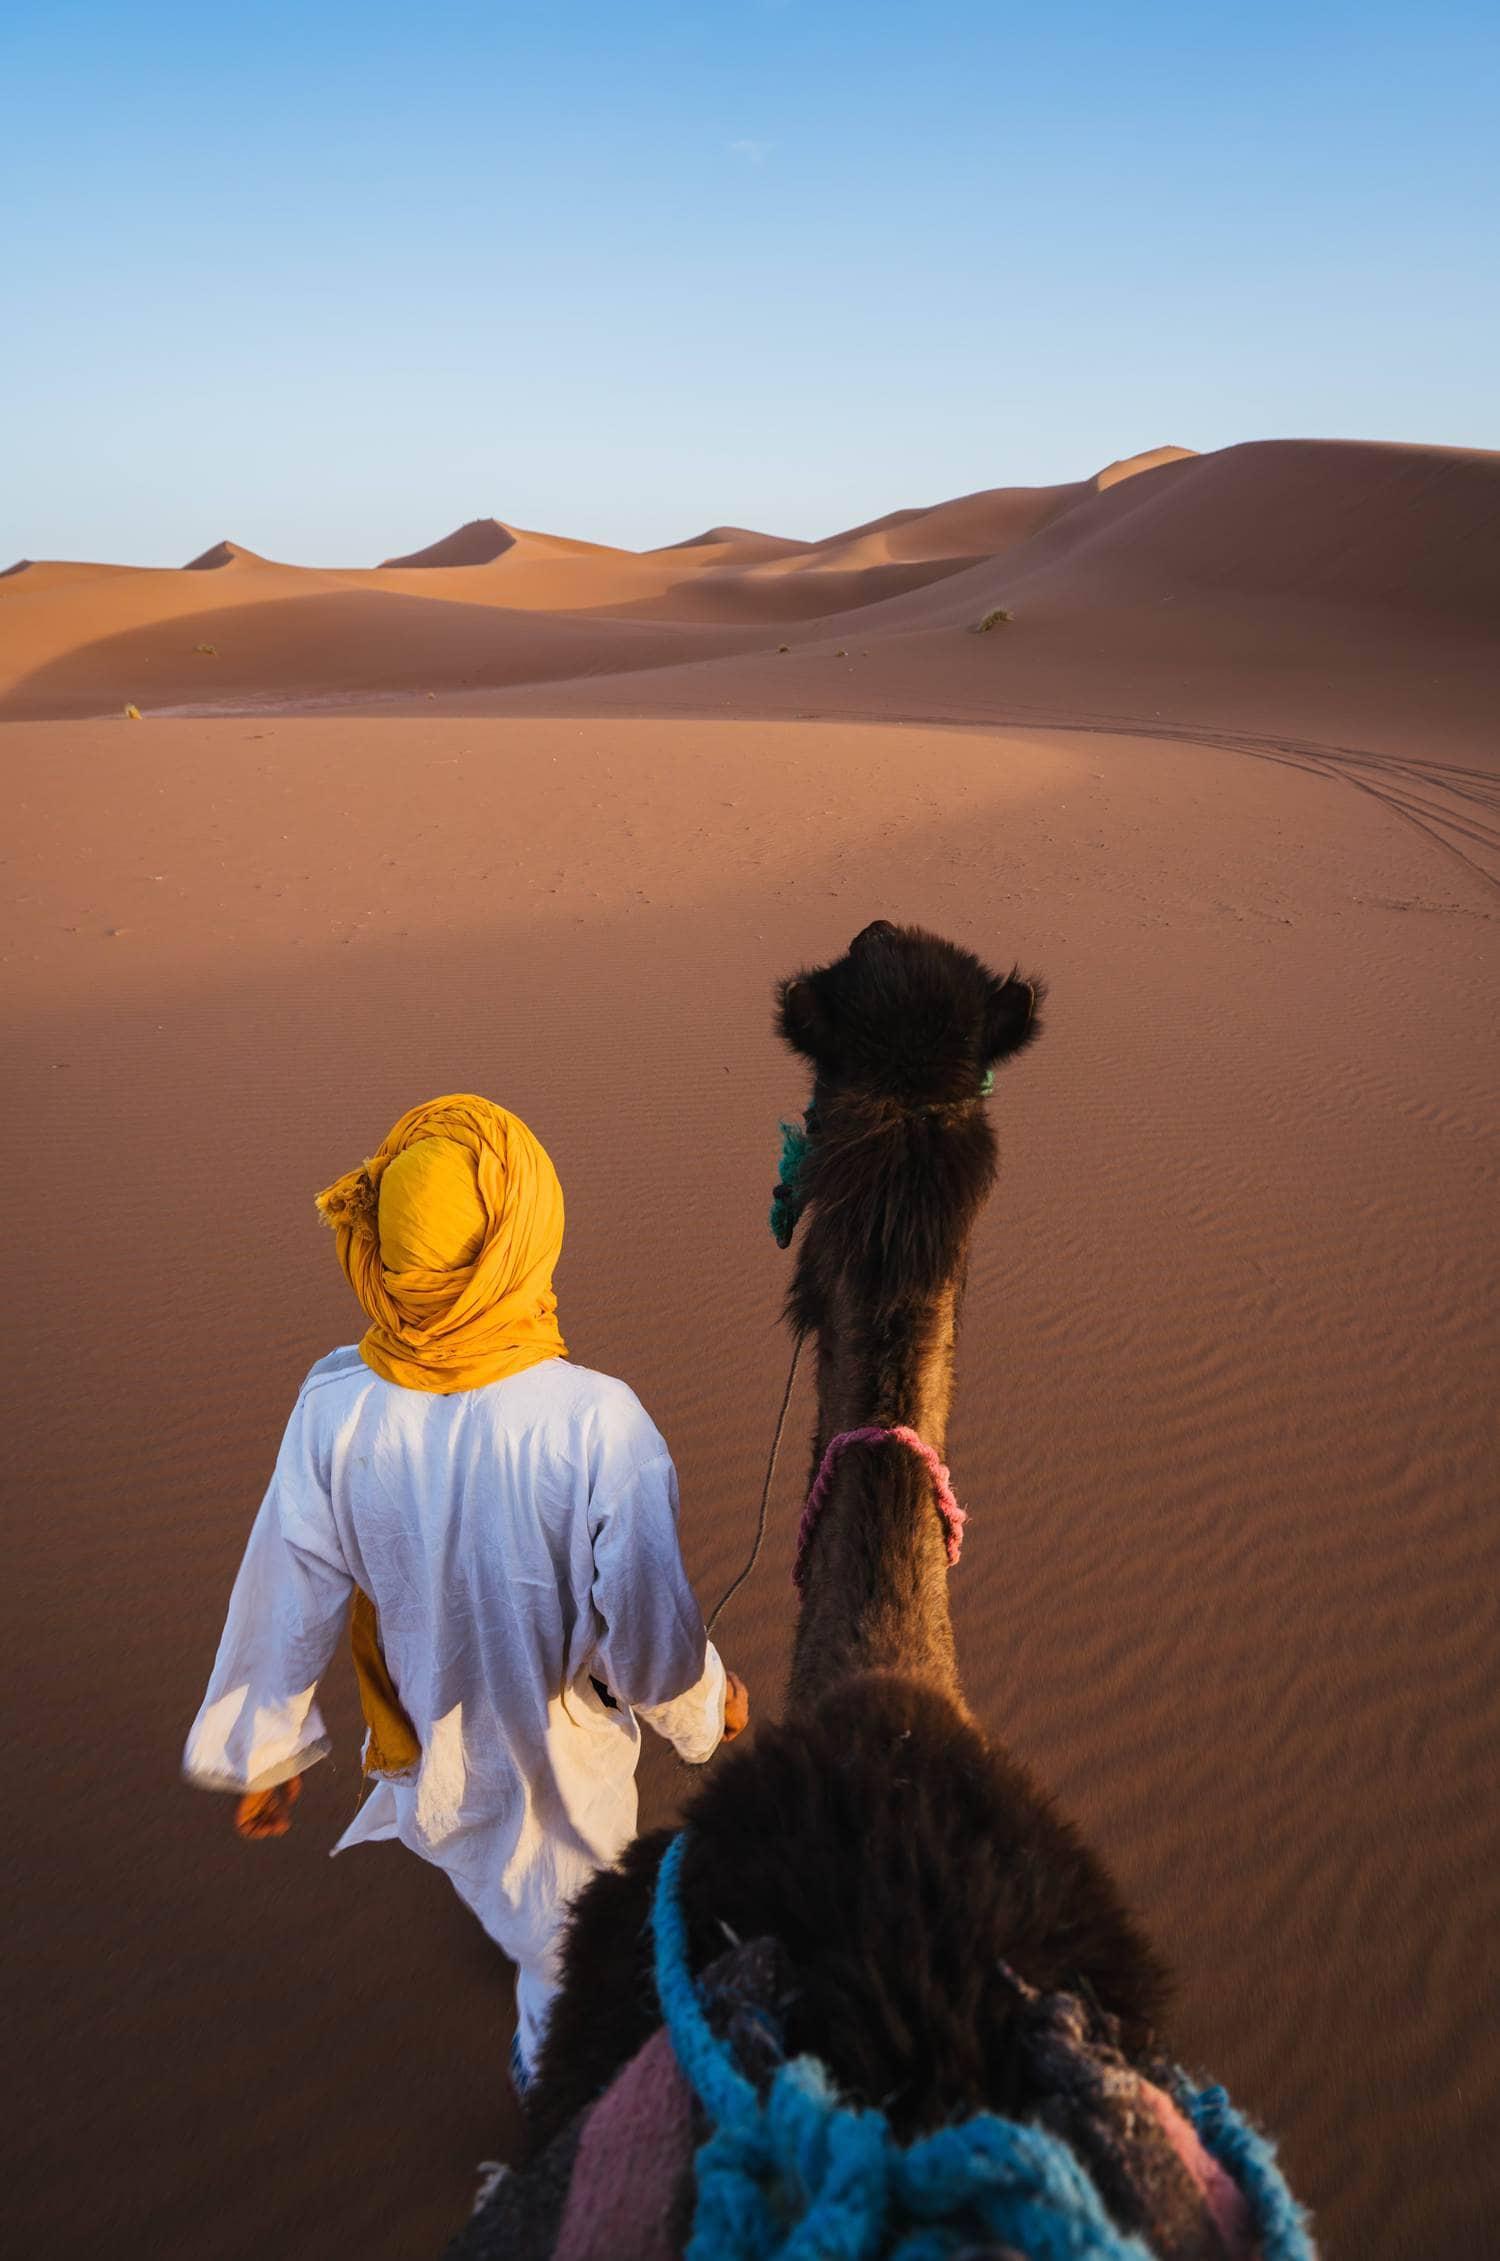 Fotografía tomada desde un camello en el desierto, destino deseado de muchos fotógrafos